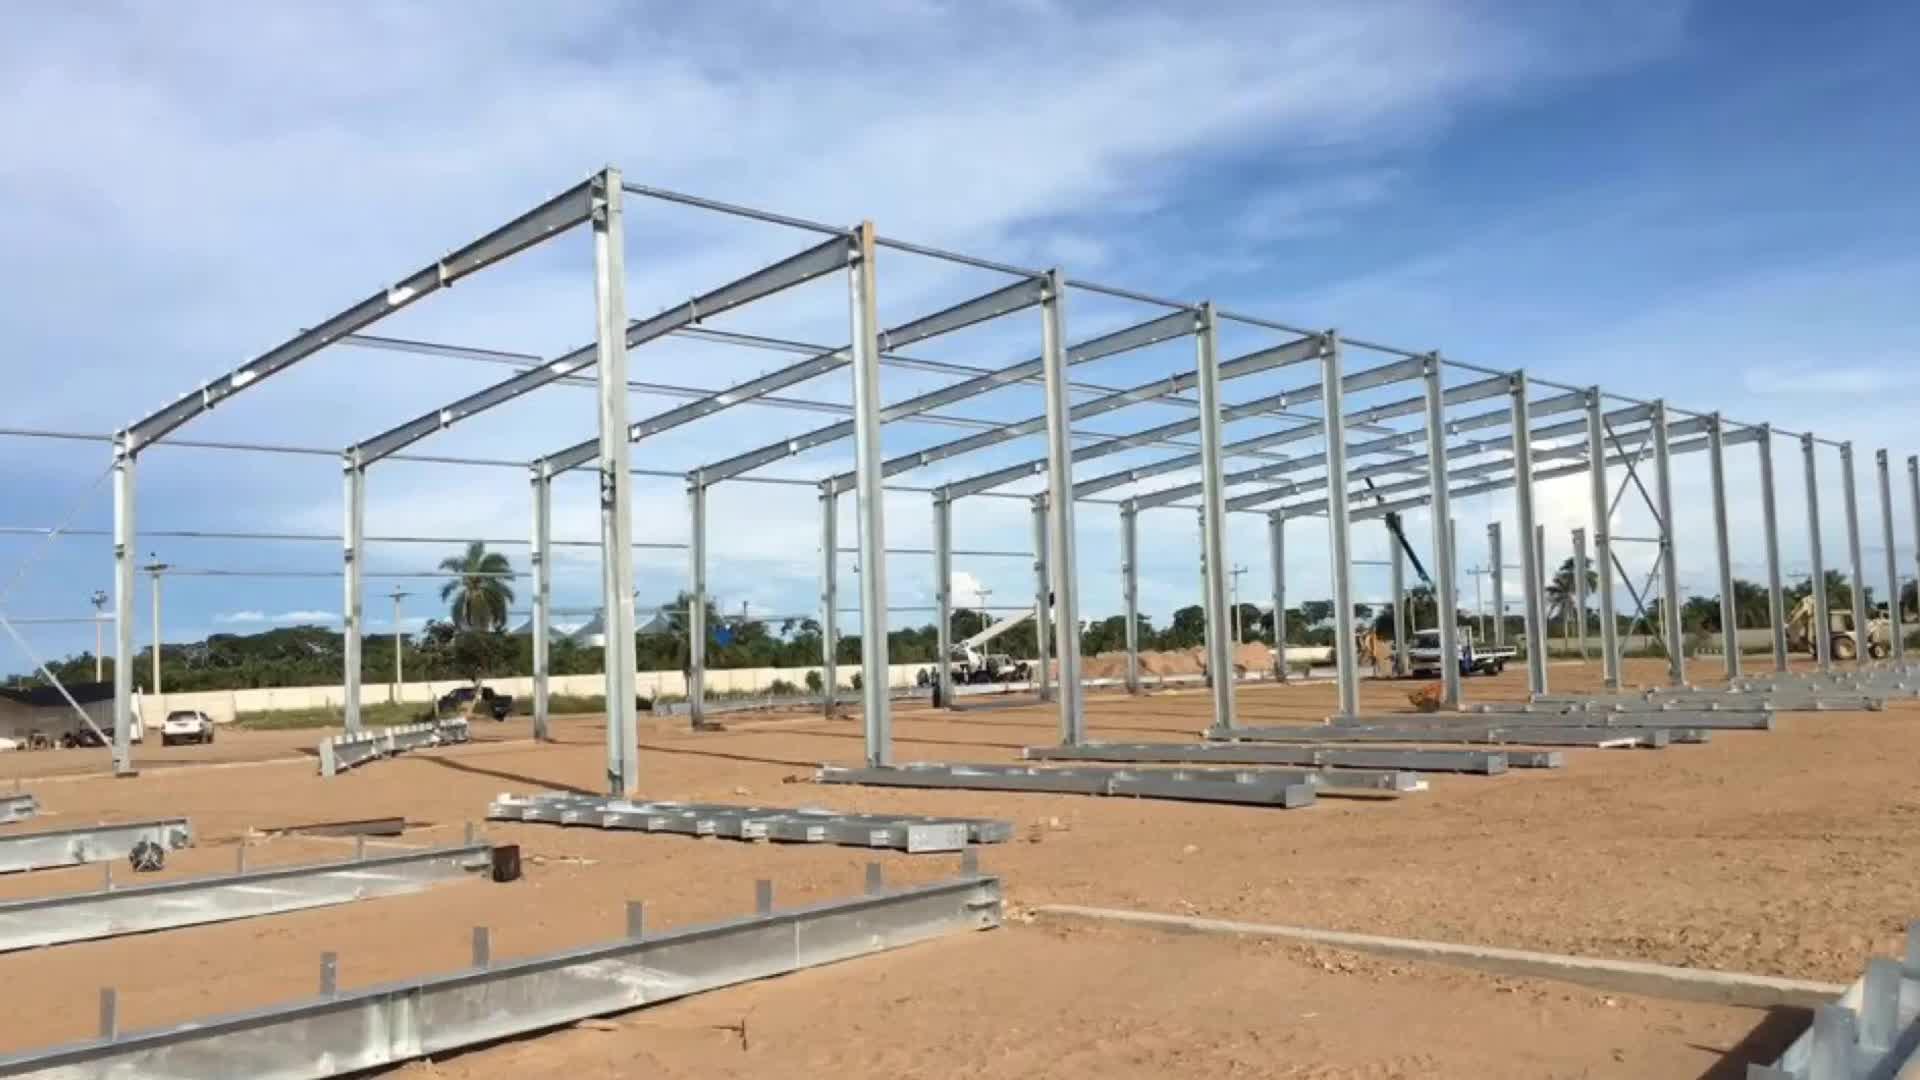 Fabrika malzemeleri prefabrik çelik bina prefabrik yapı çelik yapı metal çelik yapı